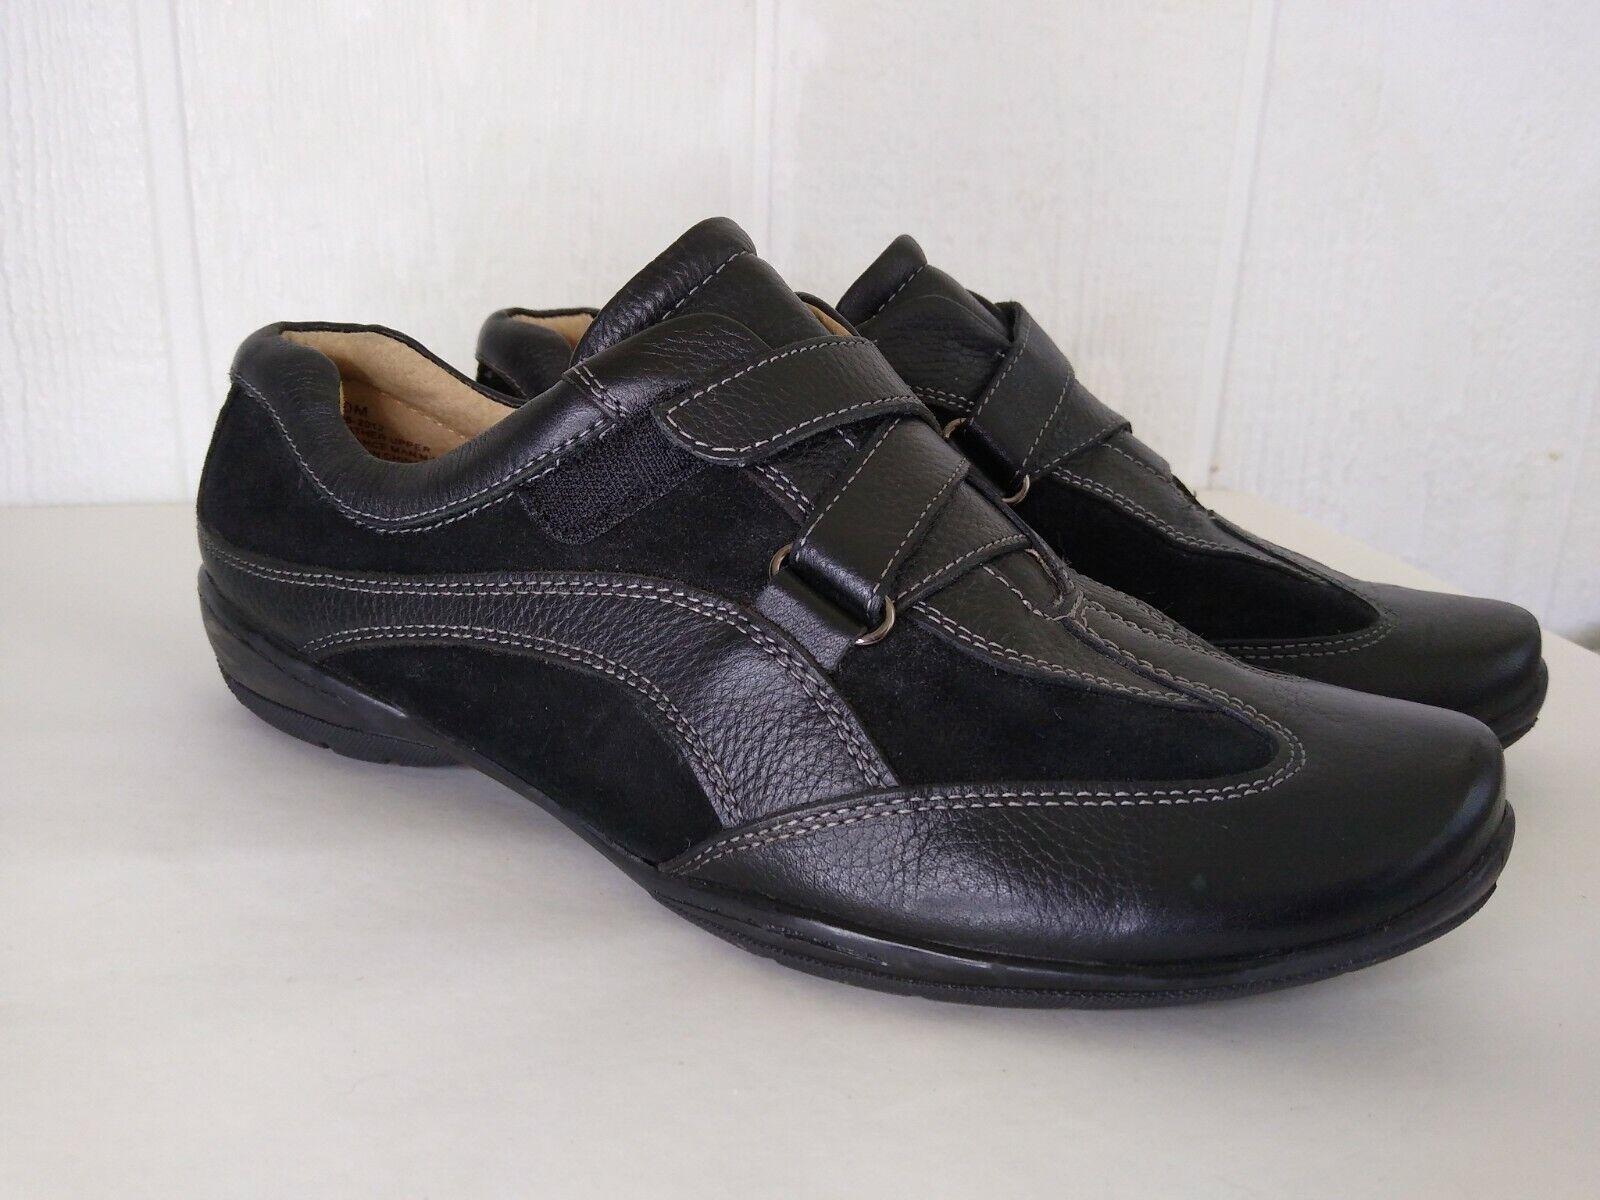 Strictly Comfort Womens Black Leather Adjustable Hook & Loop Sneaker Shoe 10 M